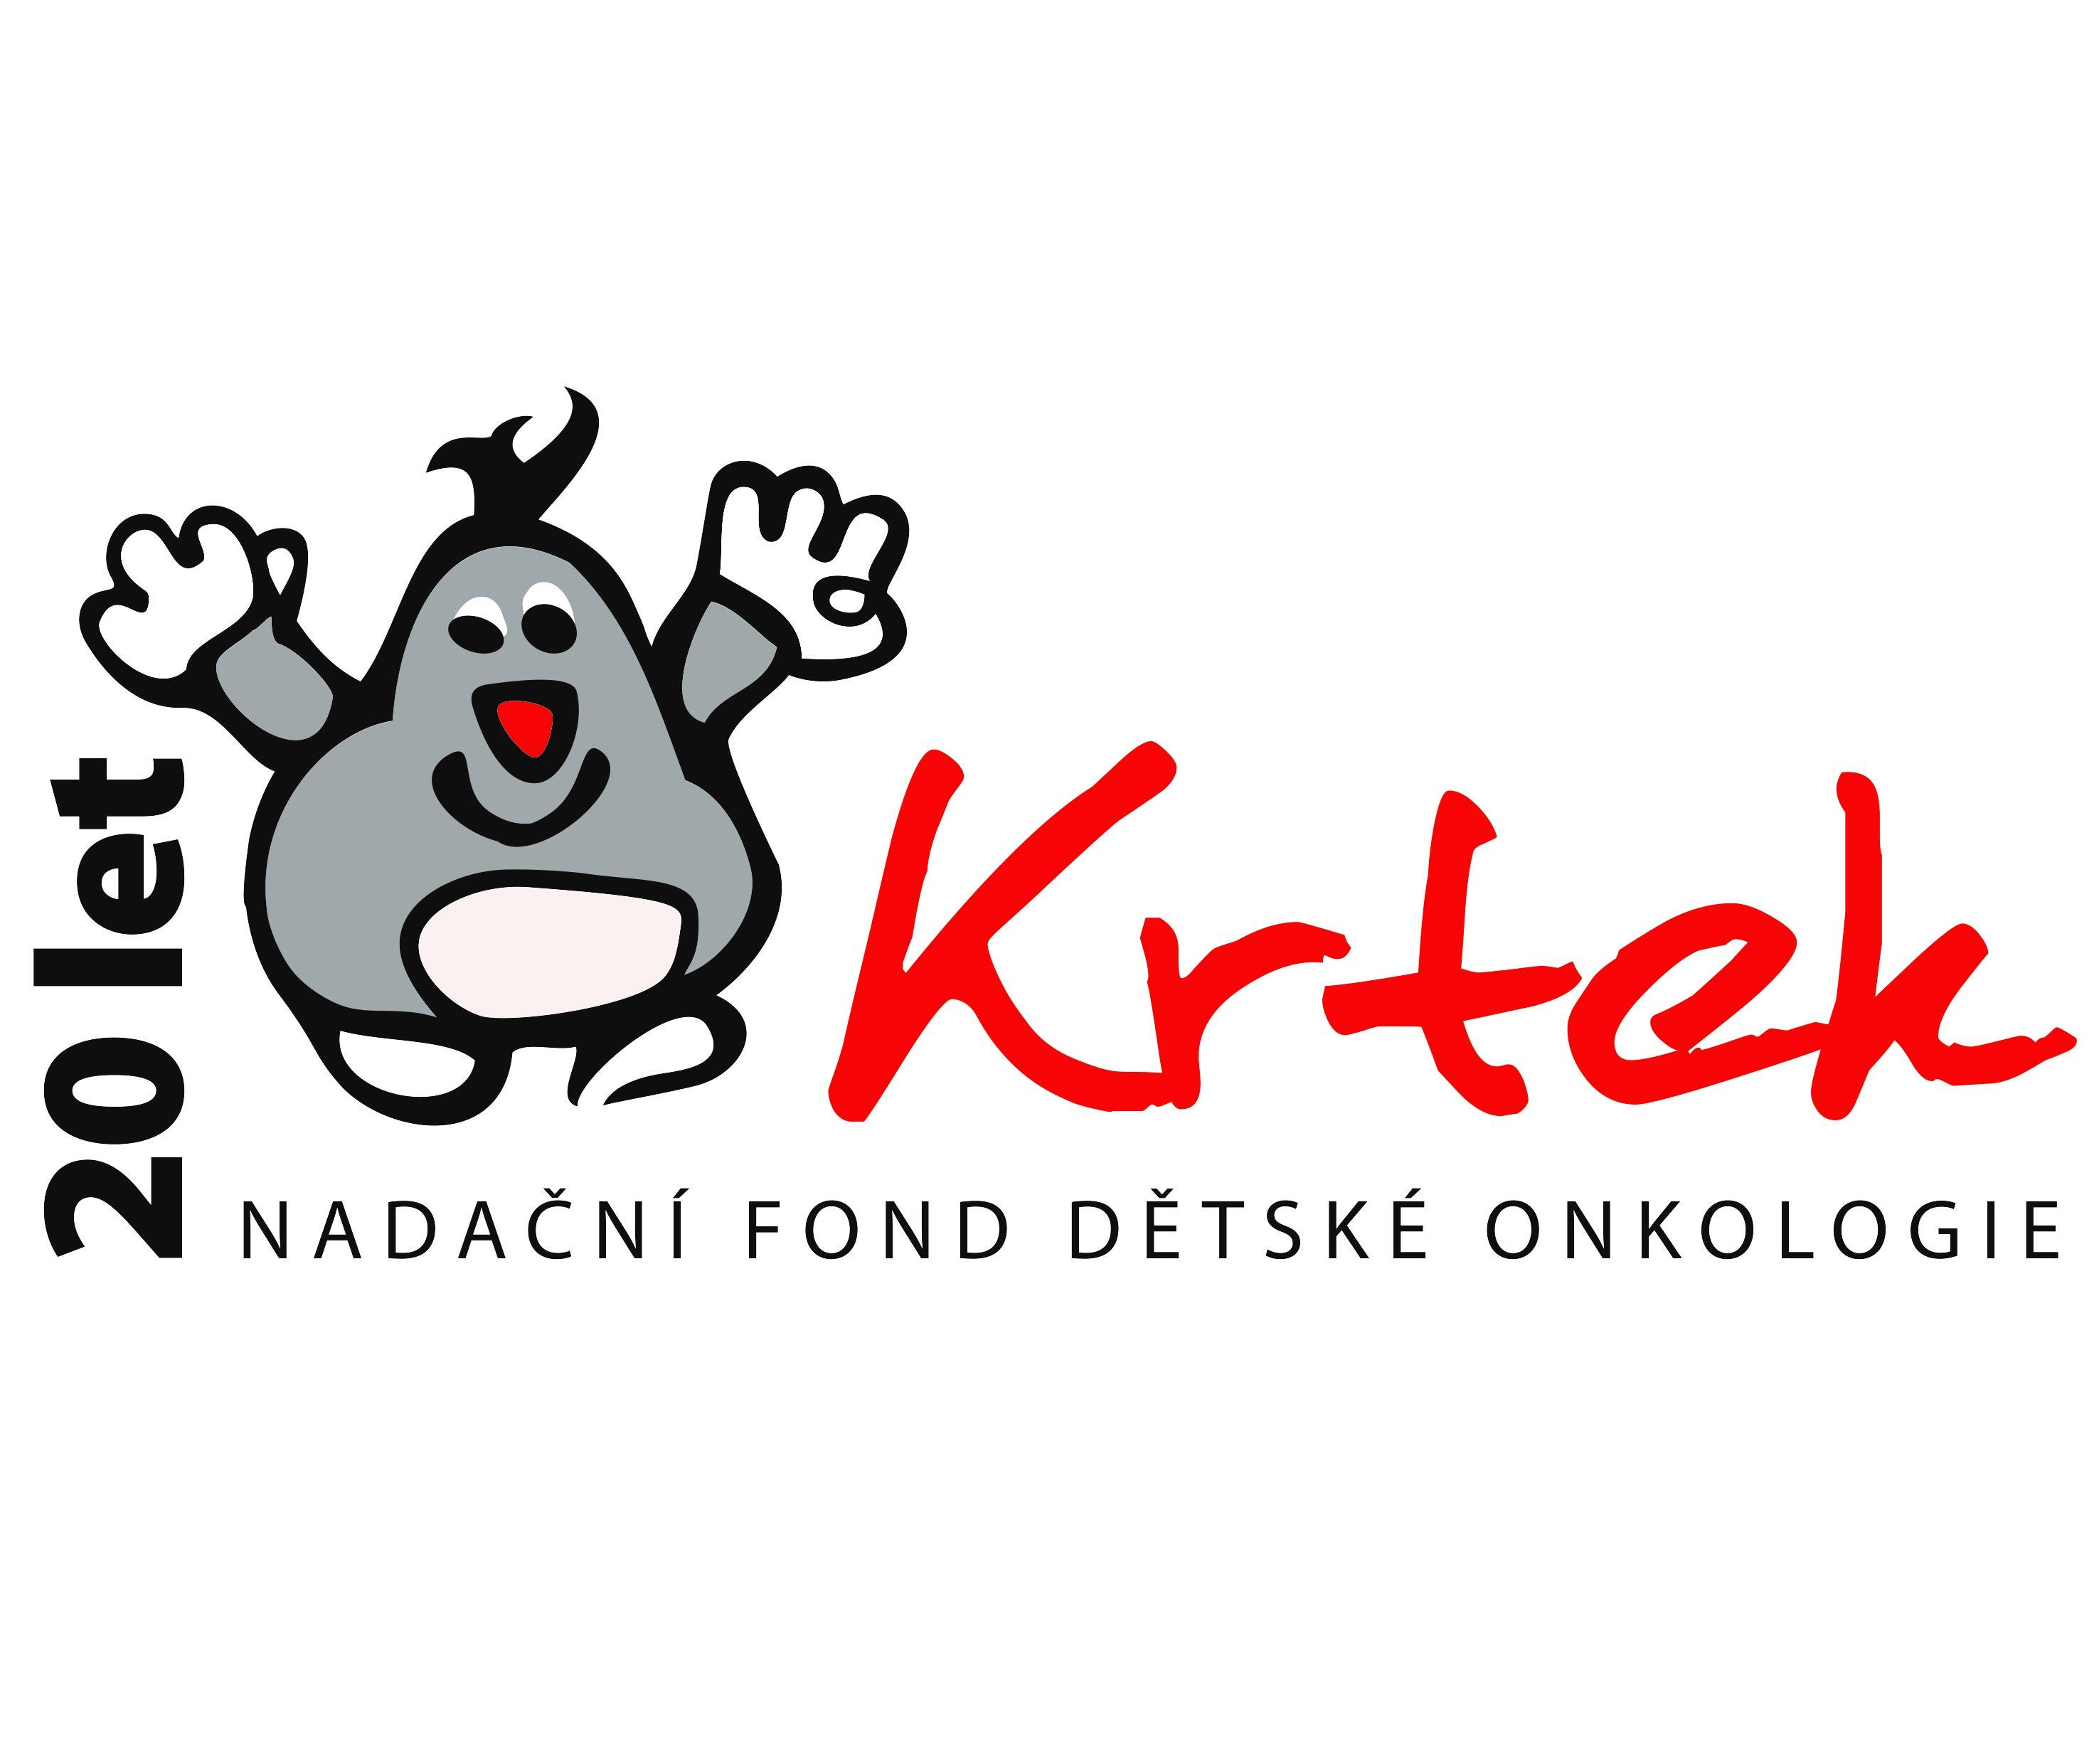 Nadační fond dětské onkologie KRTEK